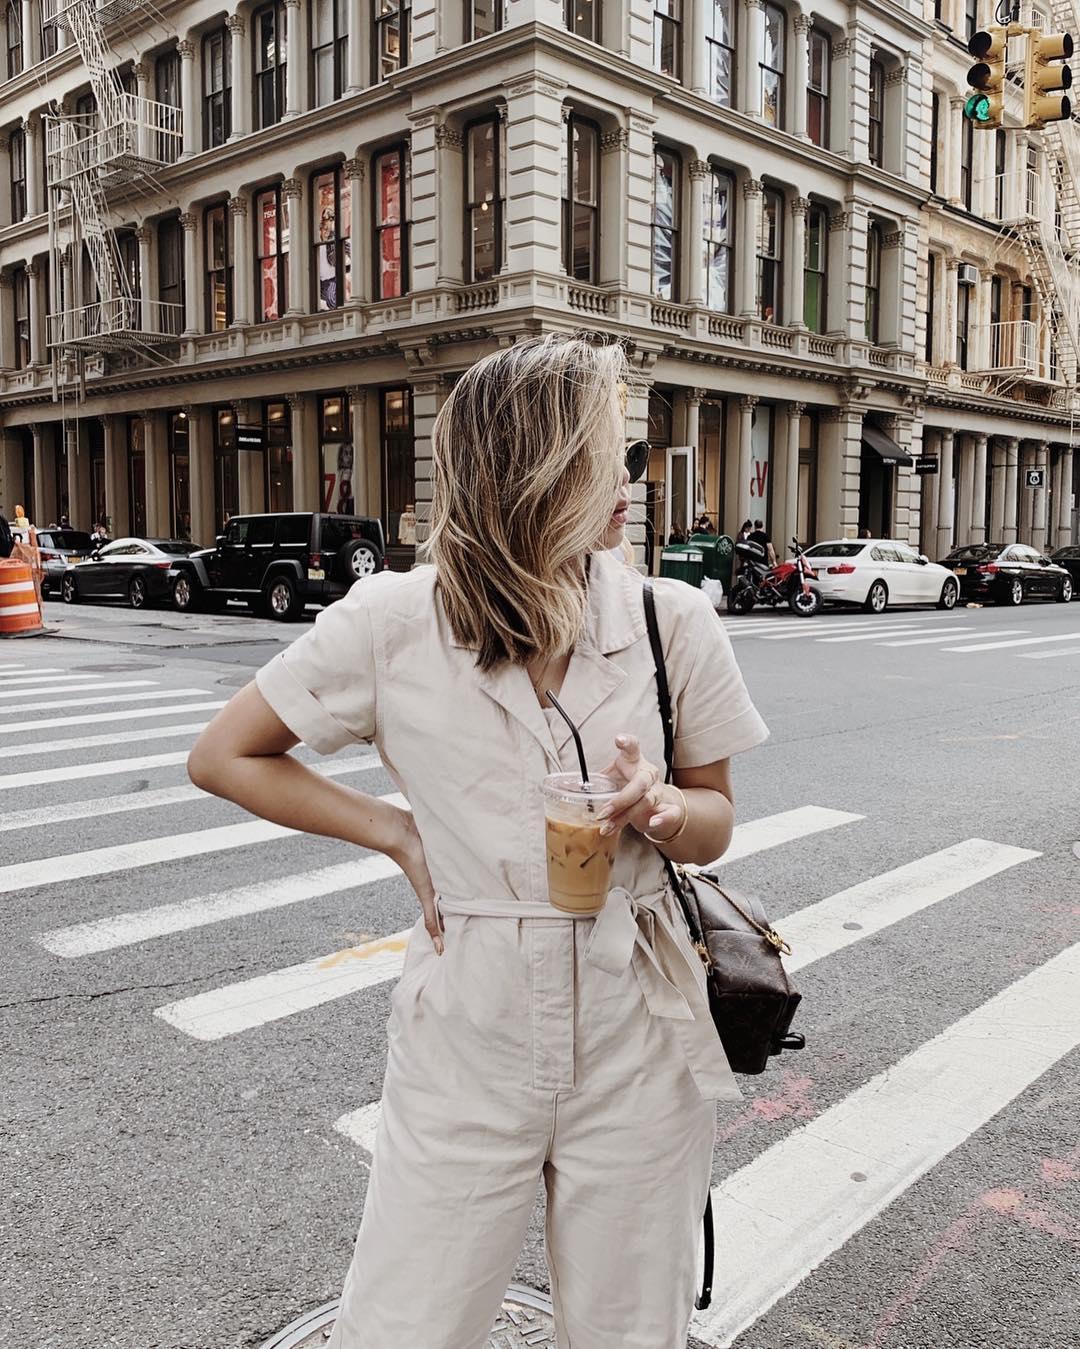 alyssa lenore phối đồ tối giản theo màu tóc ombre